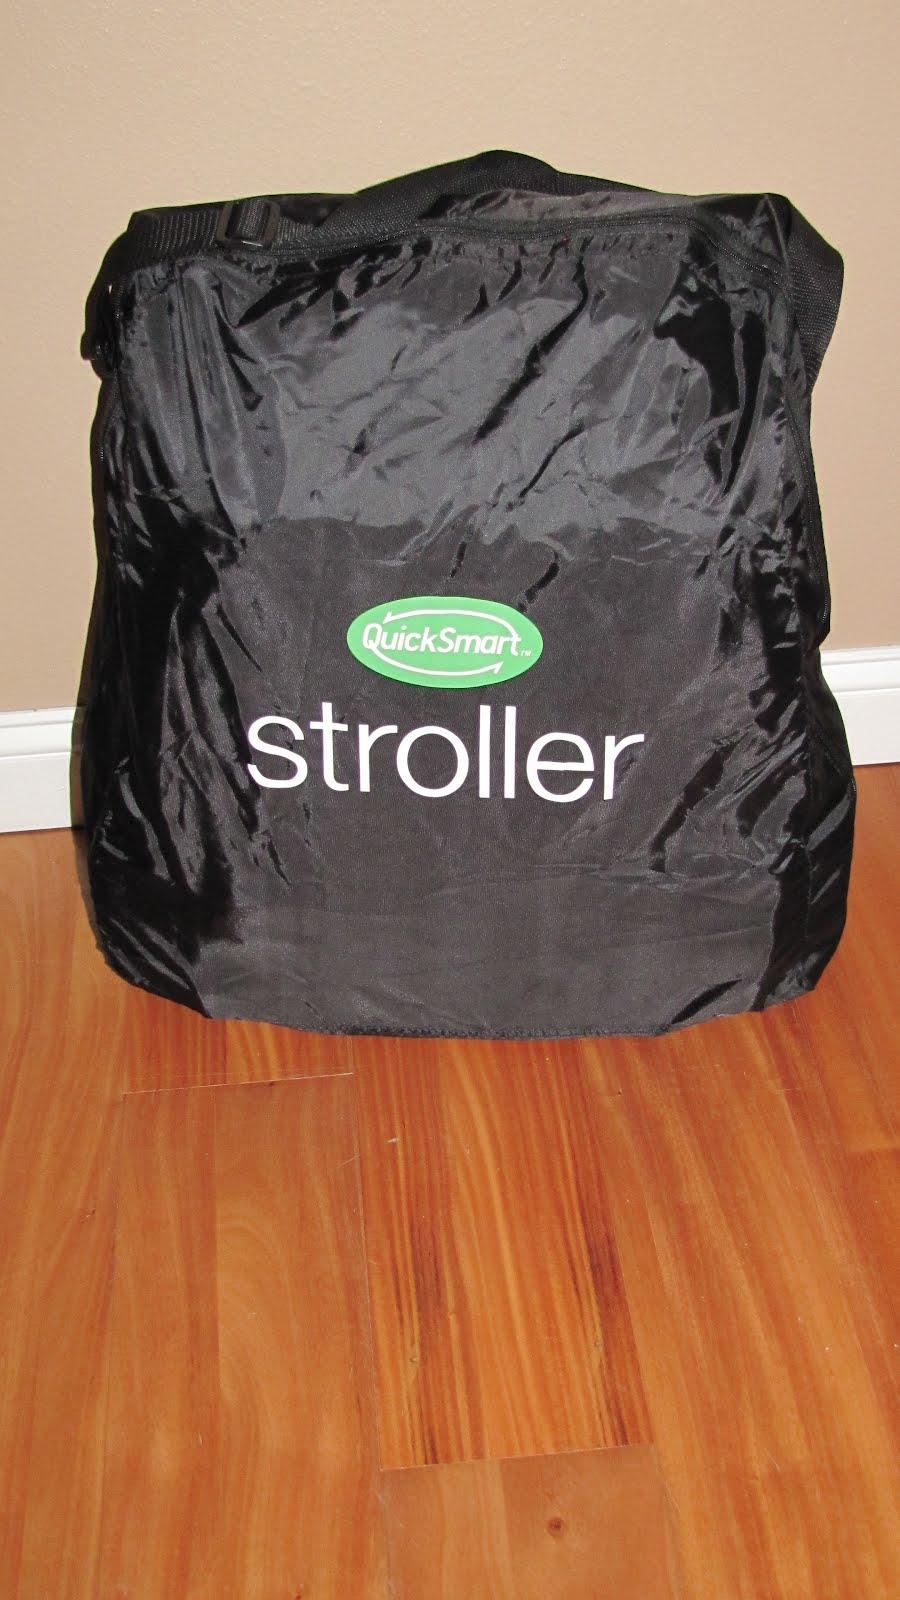 QuickSmart Easy Fold Stroller ~ Review